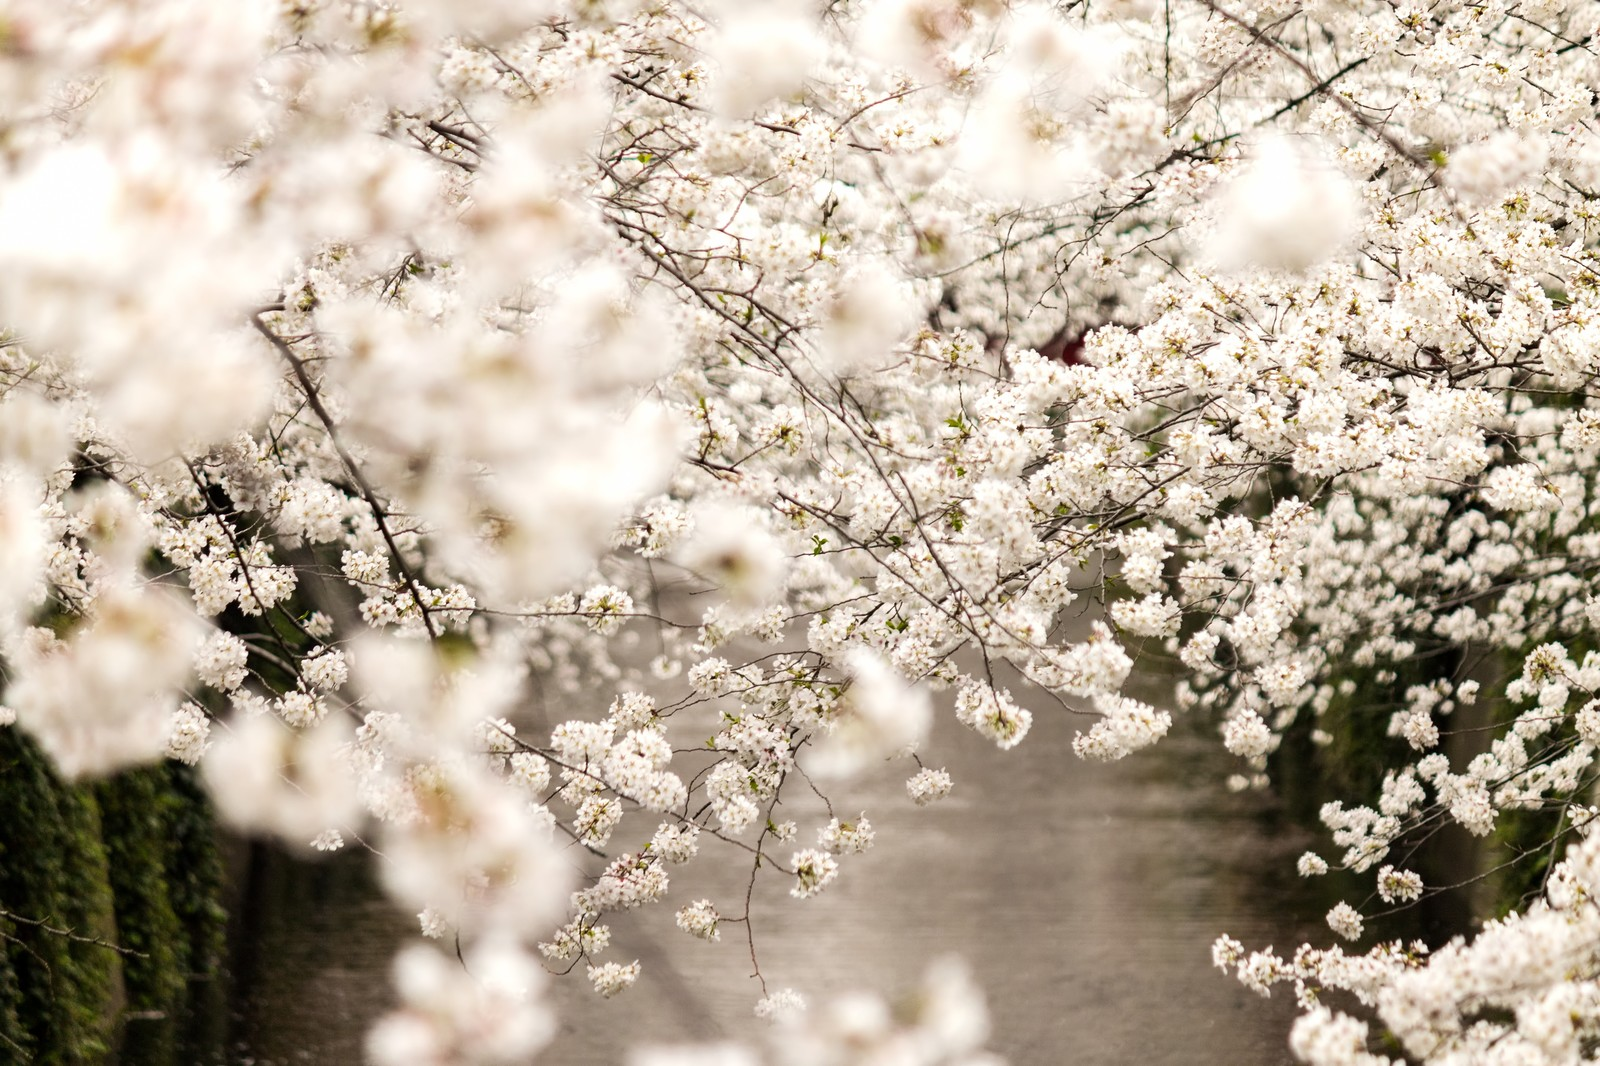 「春・桜満開春・桜満開」のフリー写真素材を拡大